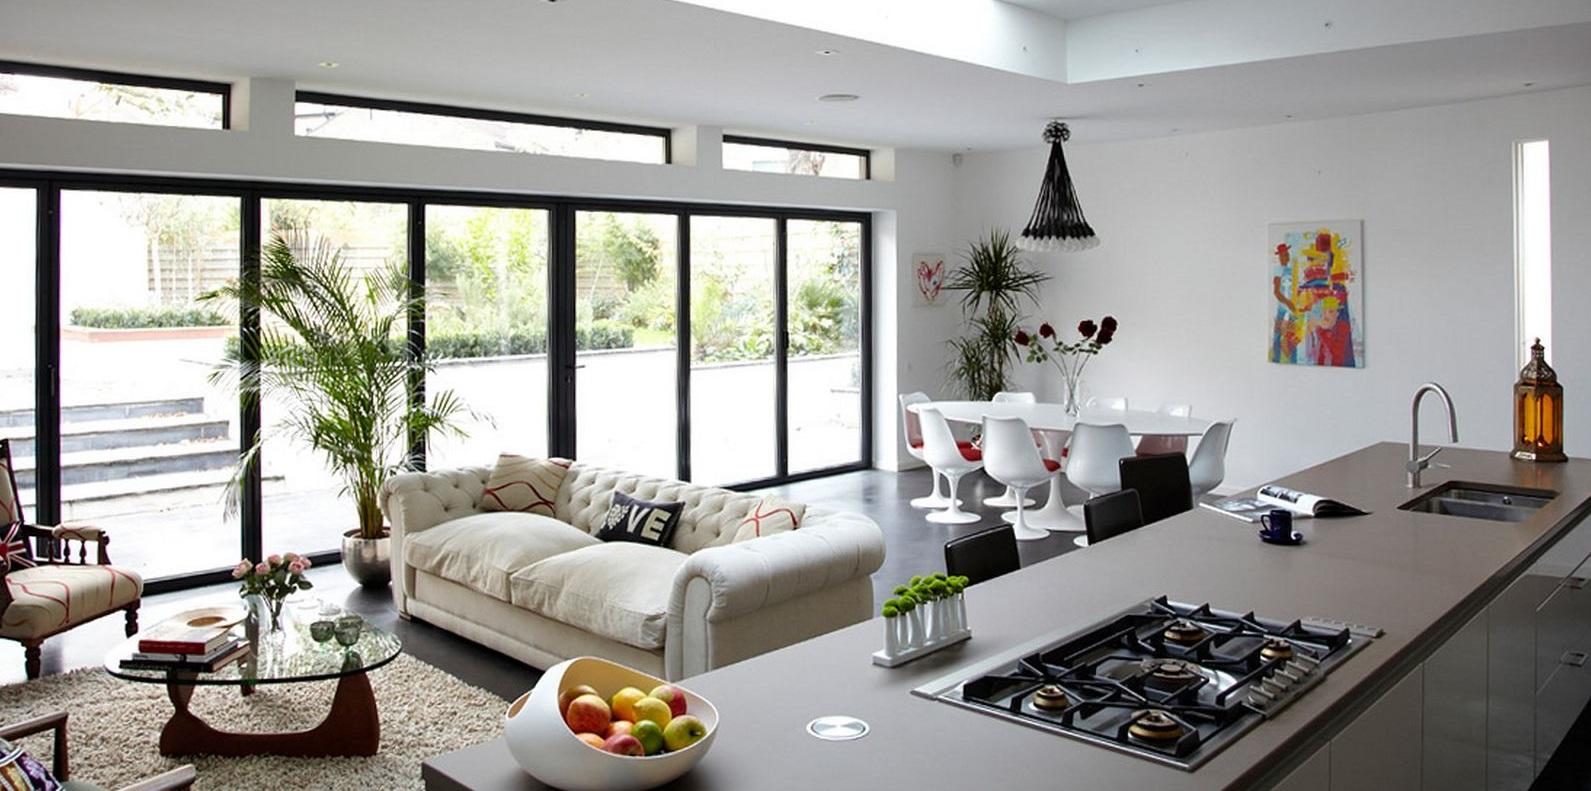 kombinere-køkken-og-stue-interiør-udsmykning